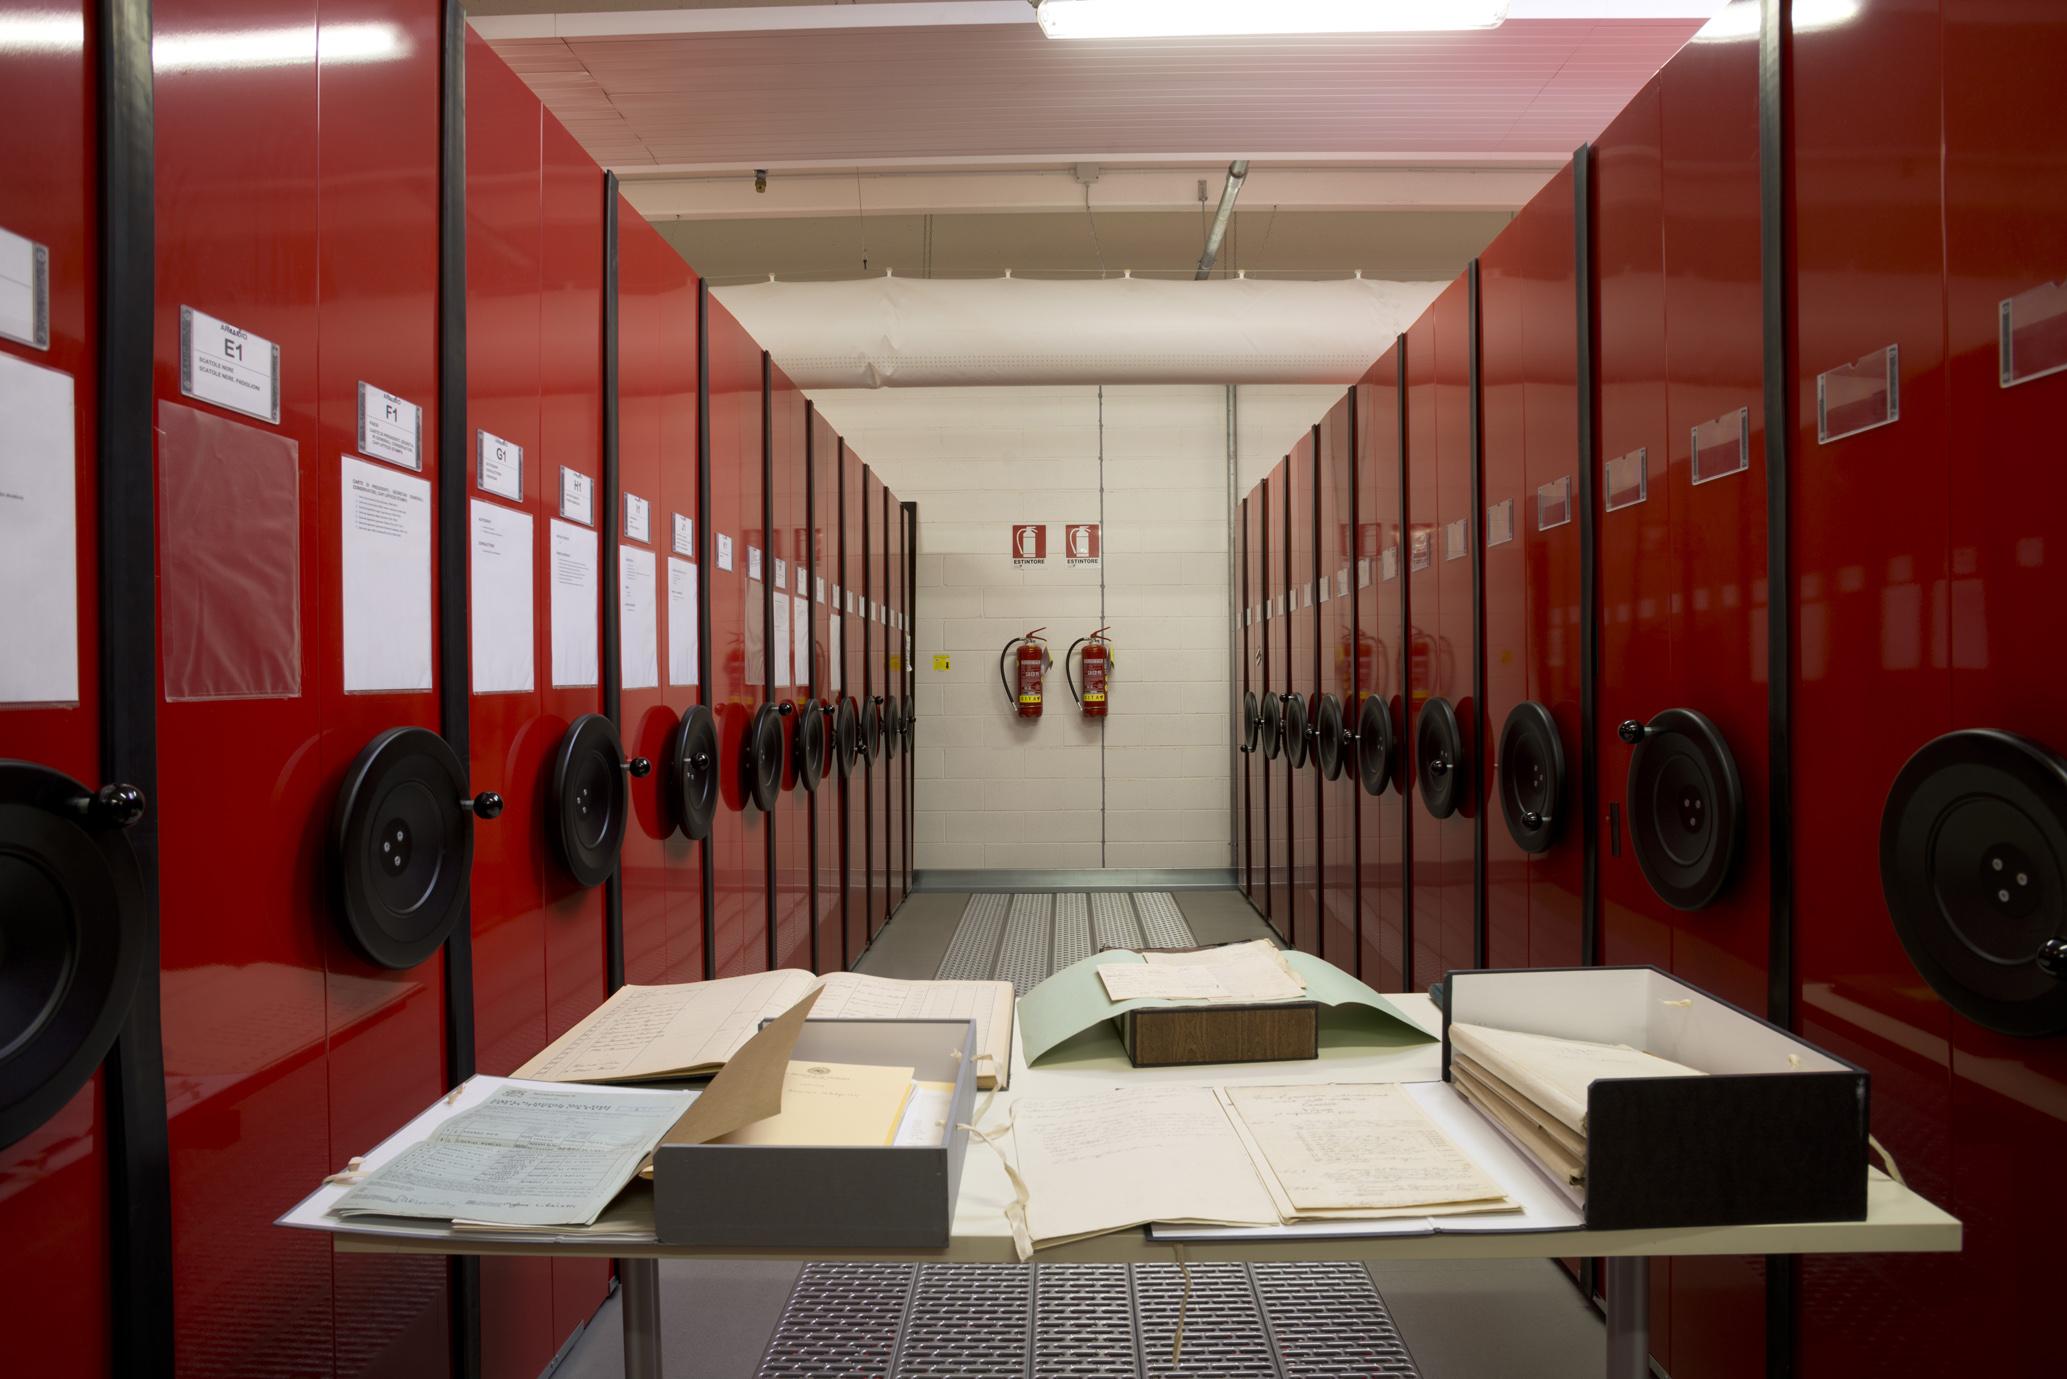 Archivio ASAC 2_Photo by Andrea Avezzu_Courtesy of La Biennale di Venezia (1)